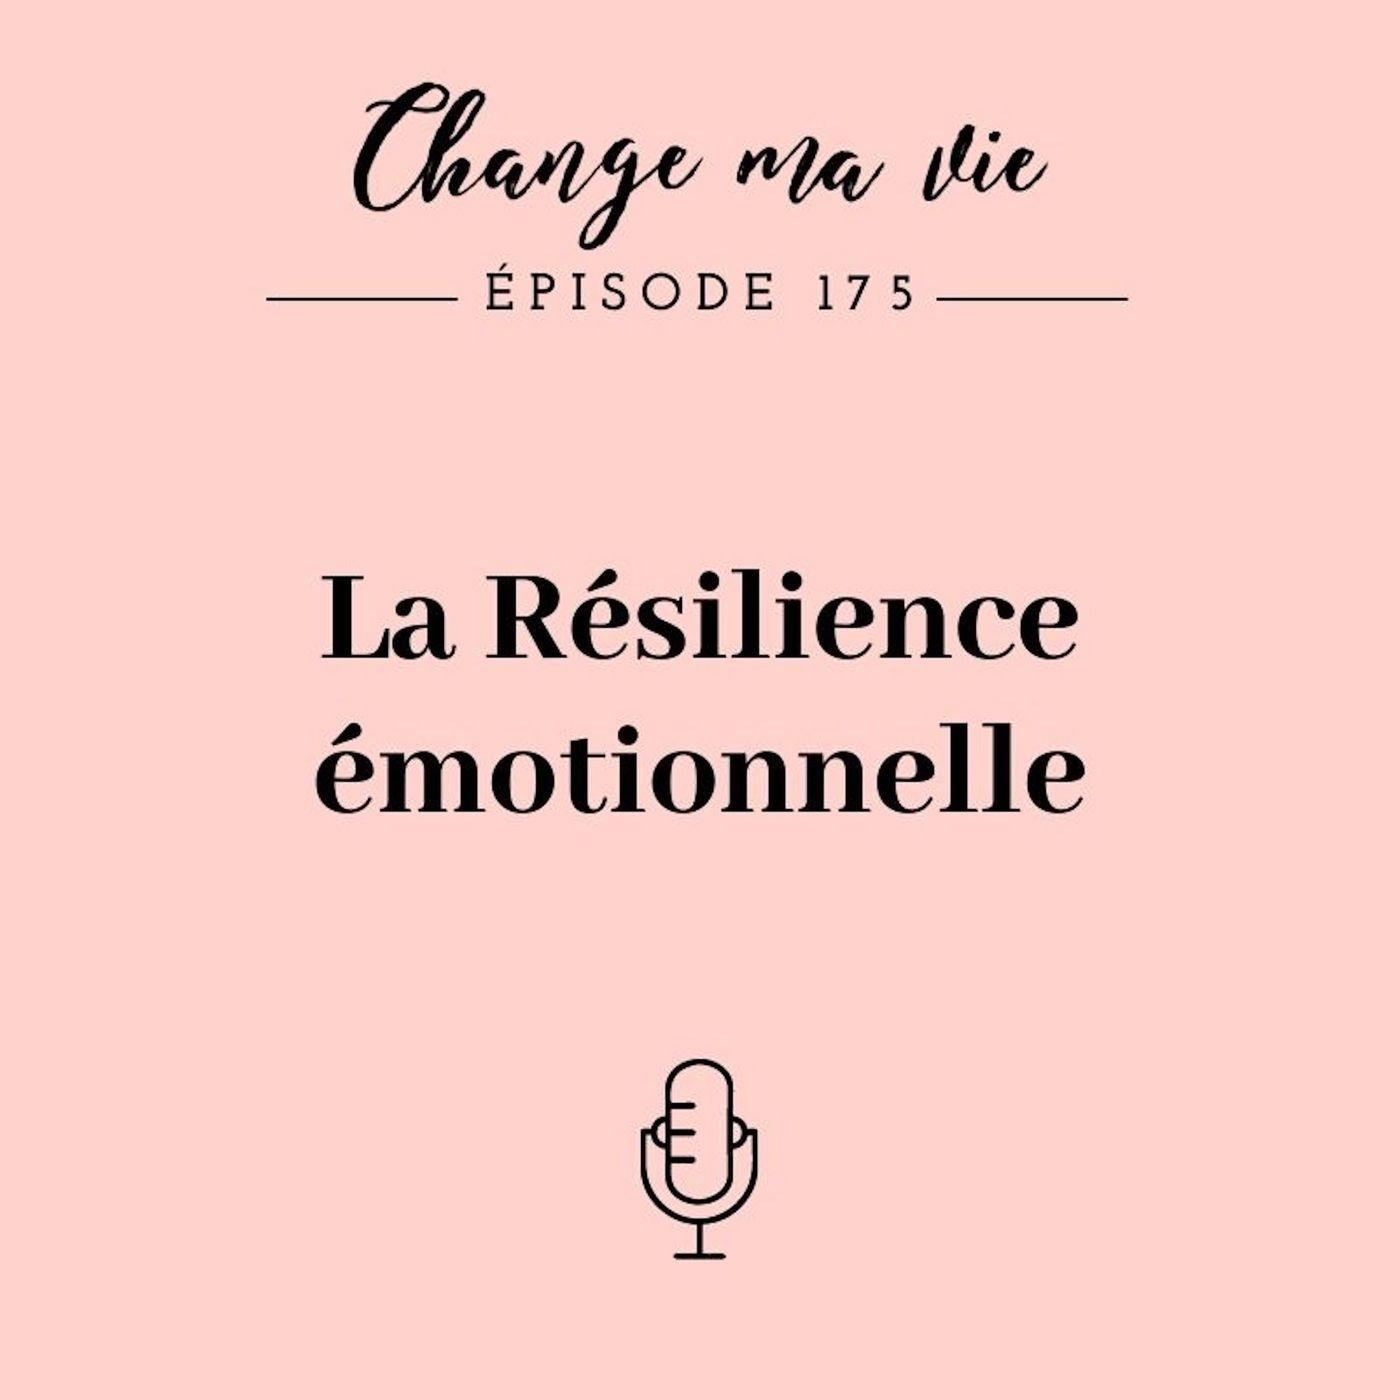 (175) La Résilience émotionnelle